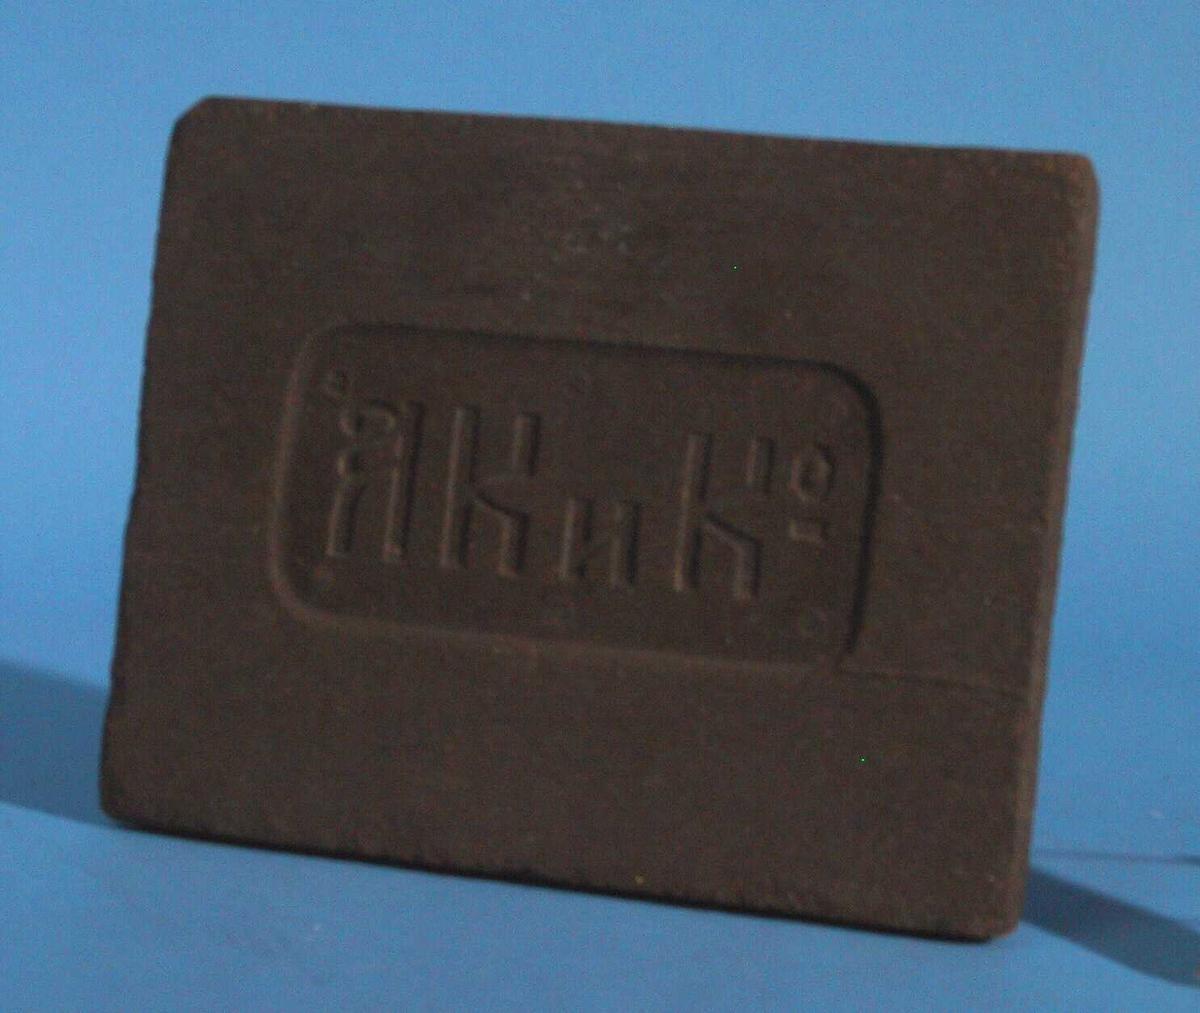 Plate av presset te  fra Kina. På forsiden er et nedsenket felt med fire fem skrifttegn. Platen   trolig brukt som byttemiddel. Mørkebrun av farge. Tilstand sommer 1966 god.